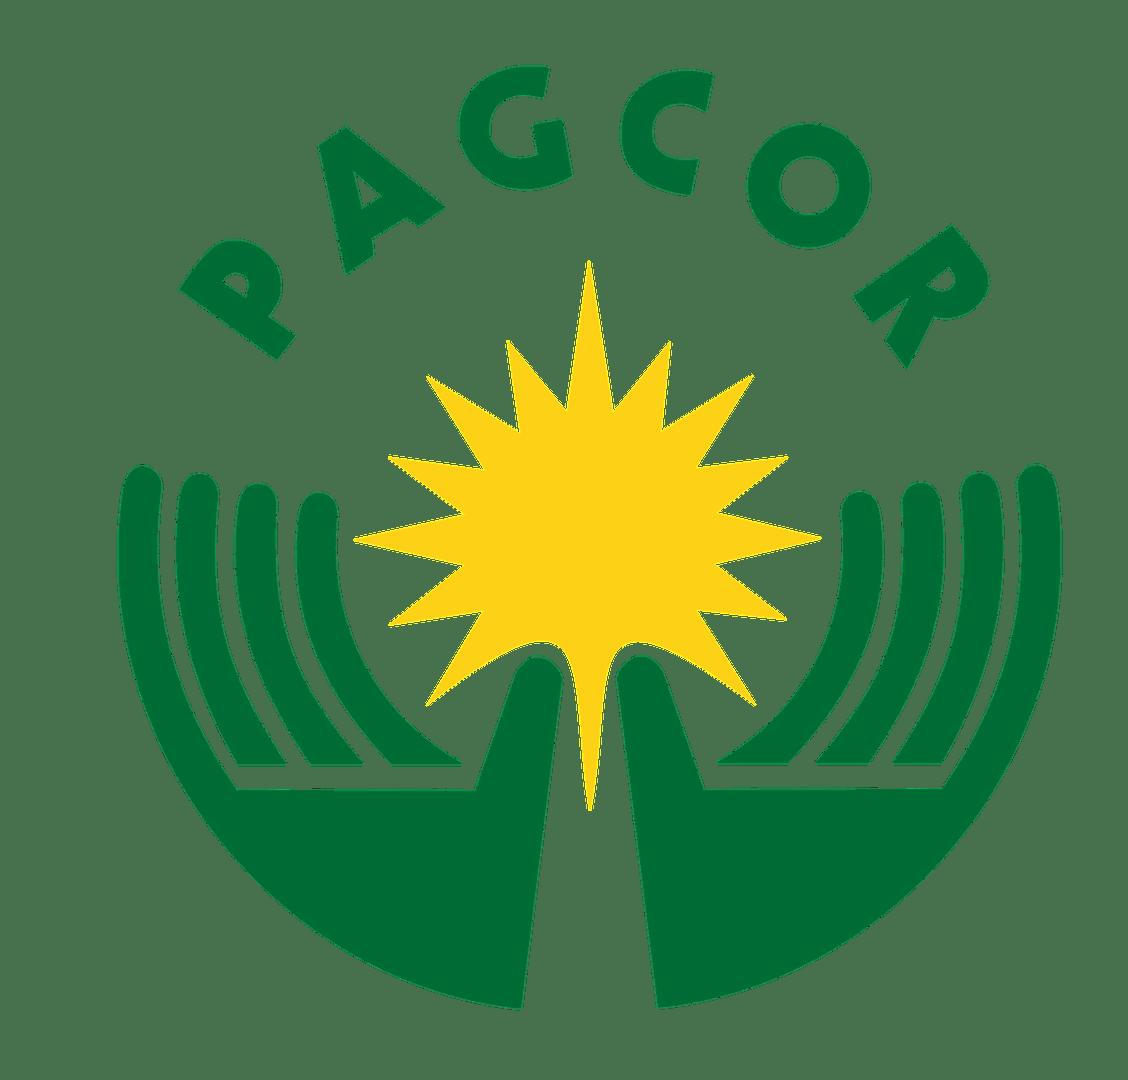 Global ComRCI / PAGCOR